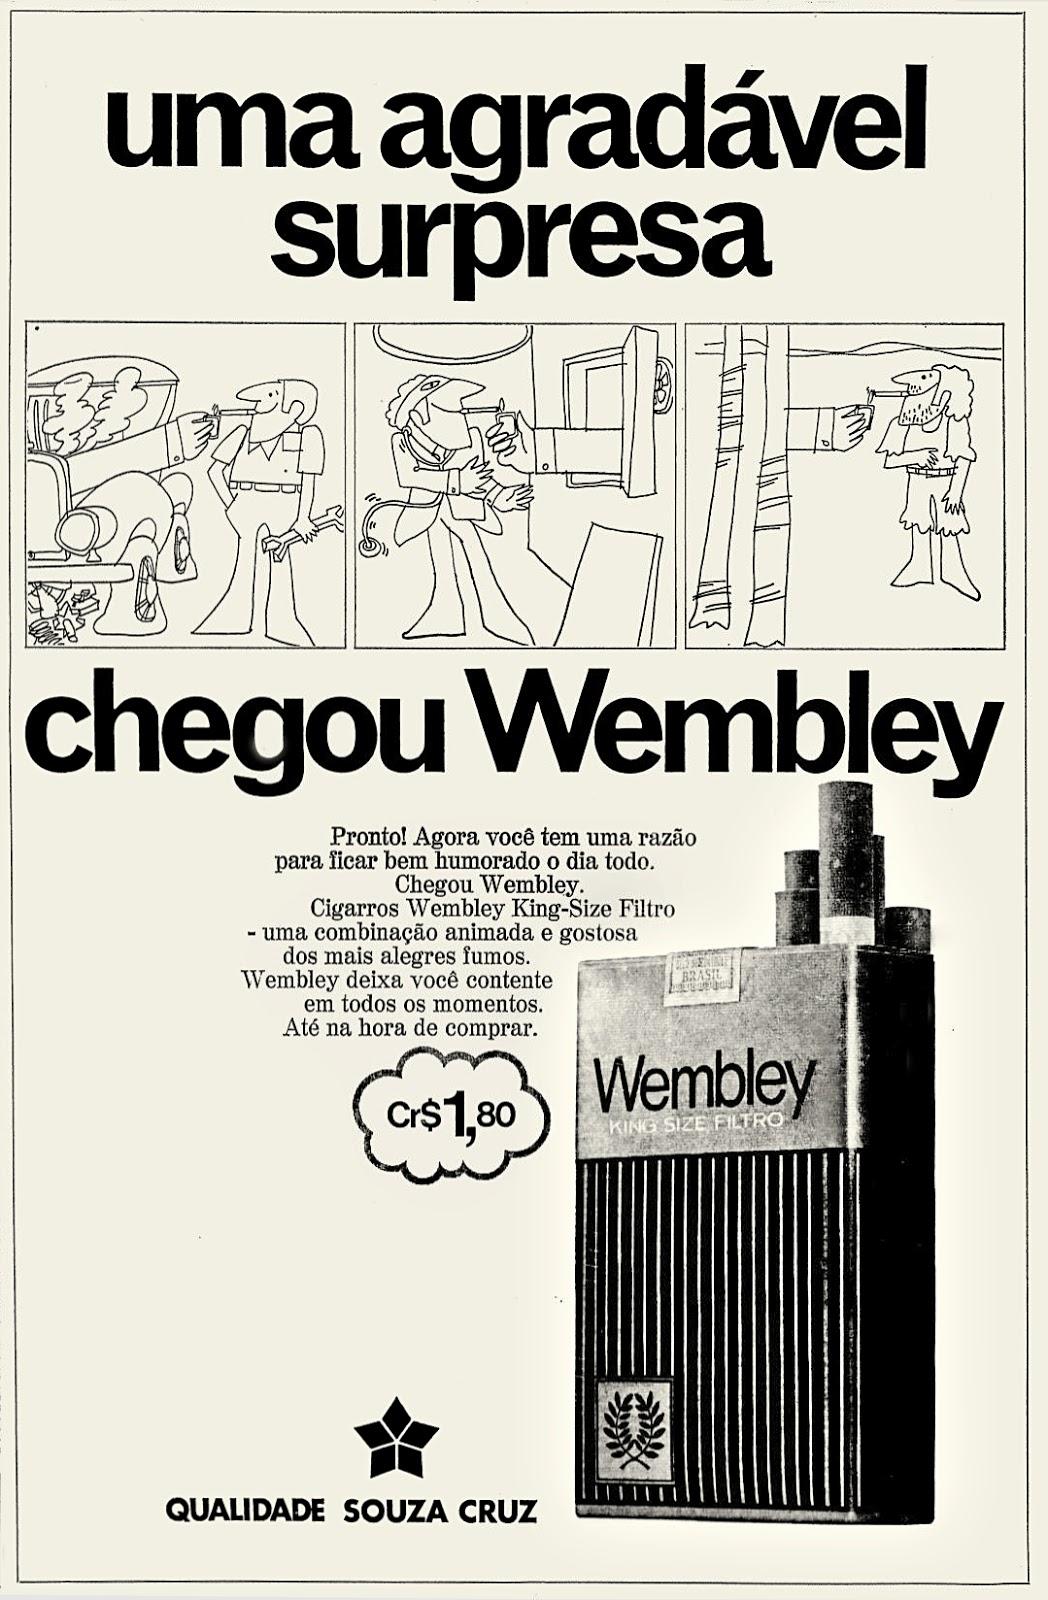 1972; propaganda anos 70; história decada de 70; reclame anos 70; propaganda cigarros anos 70; Brazil in the 70s; Oswaldo Hernandez;